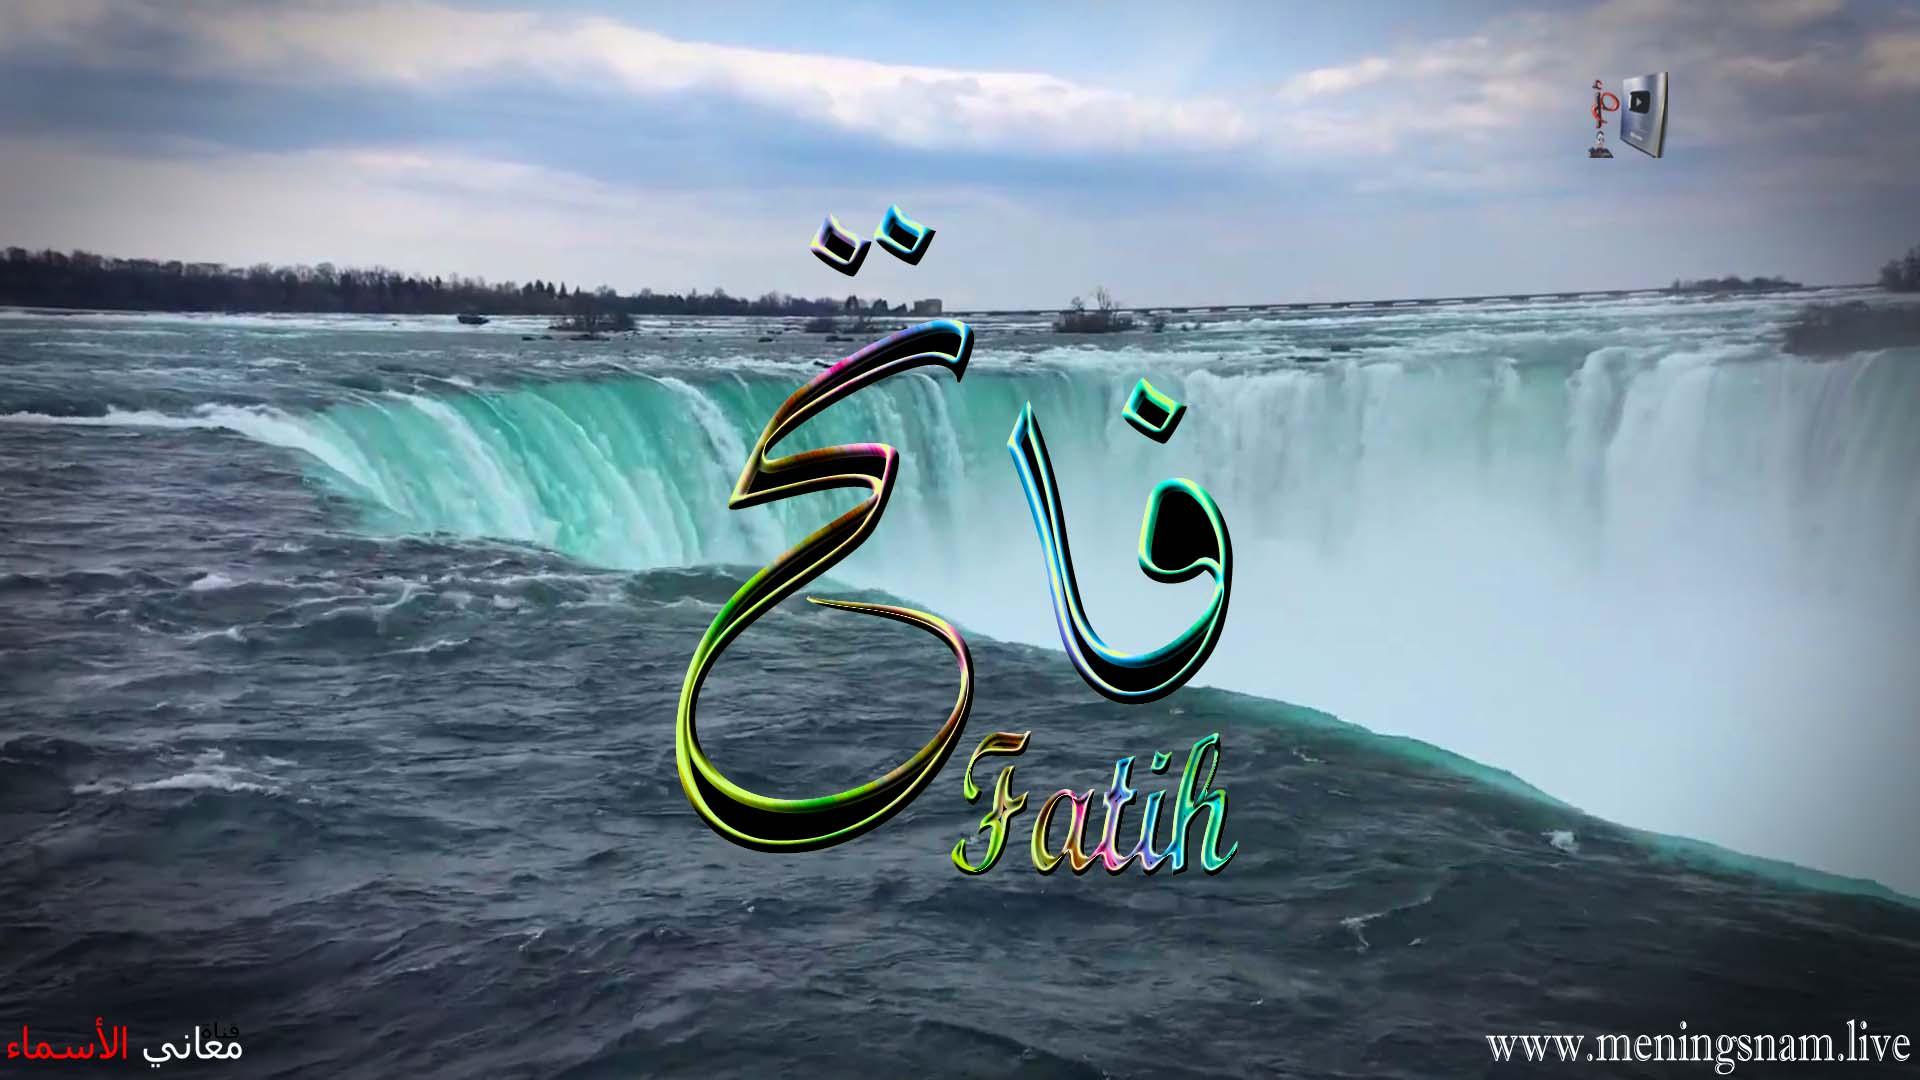 معنى اسم فاتح وصفات حامل هذا الاسم Fatih